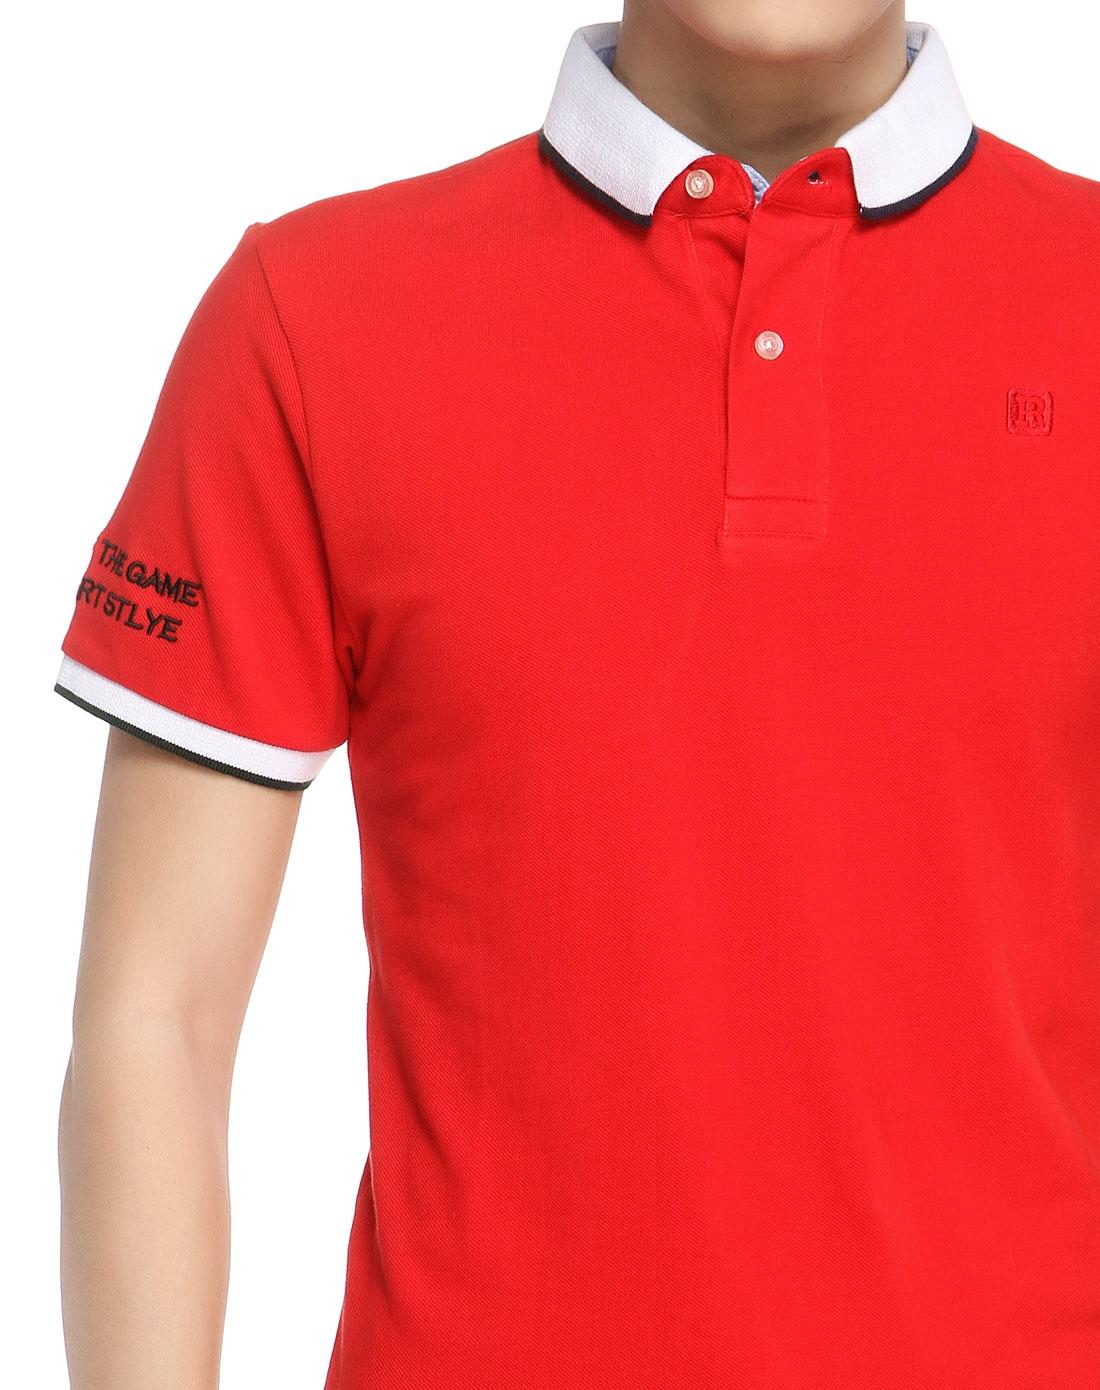 大红色袖口绣字翻领短袖t恤